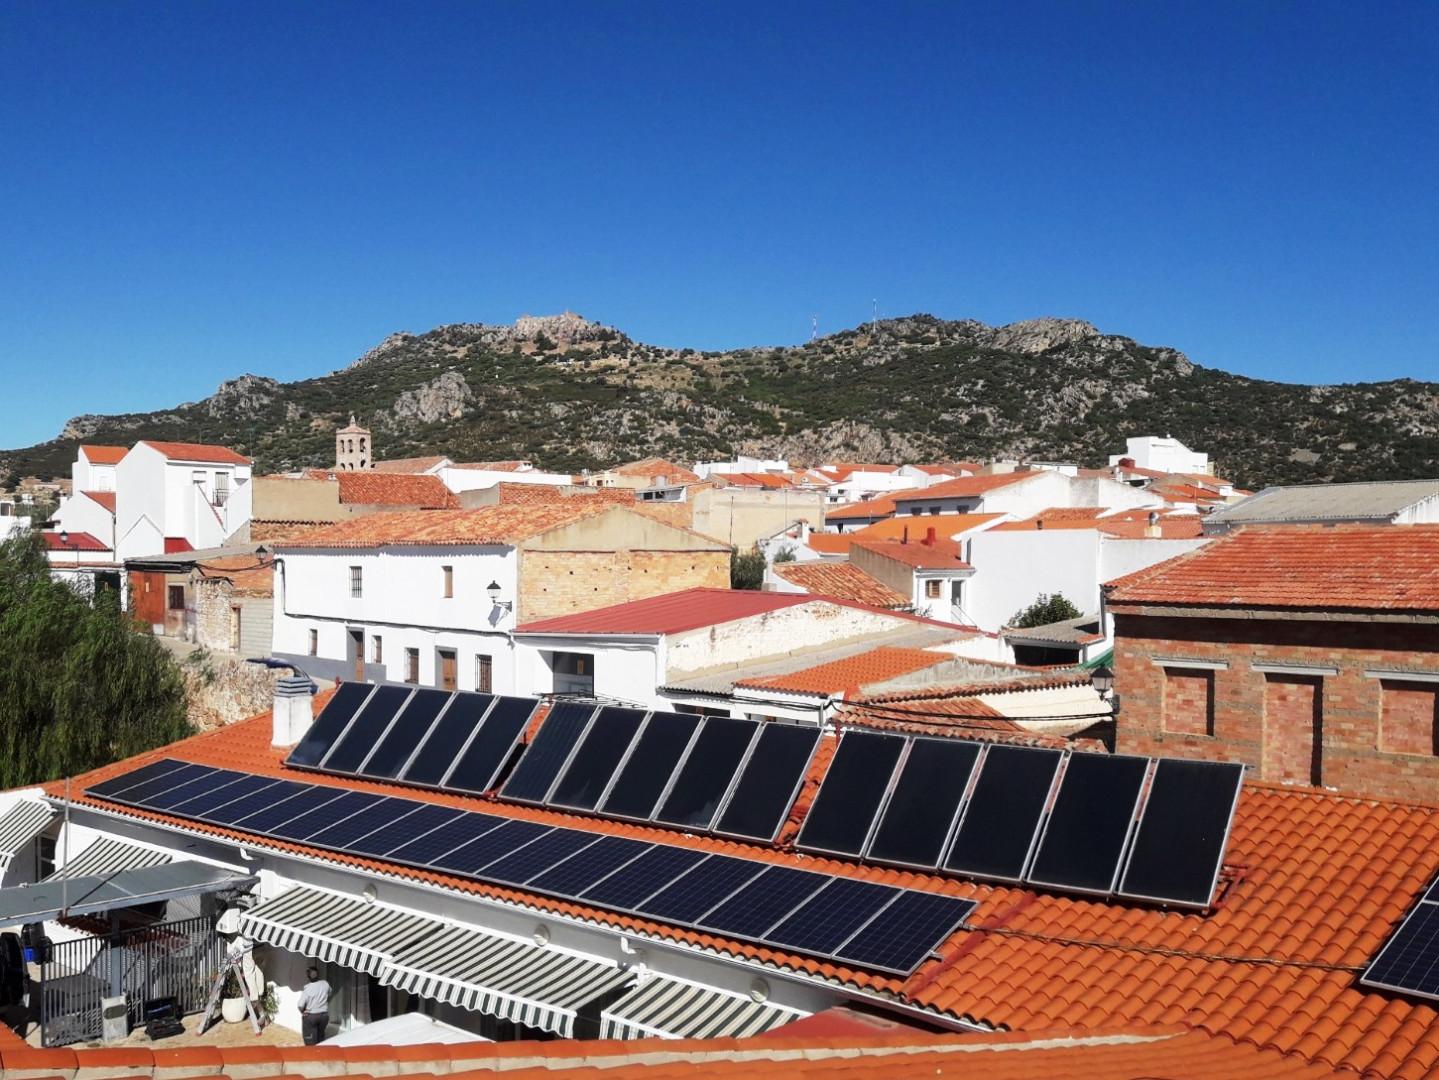 Instalación de Autoconsumo FV en Residencia Tercera Edad de Santa Eufemia, Córdoba